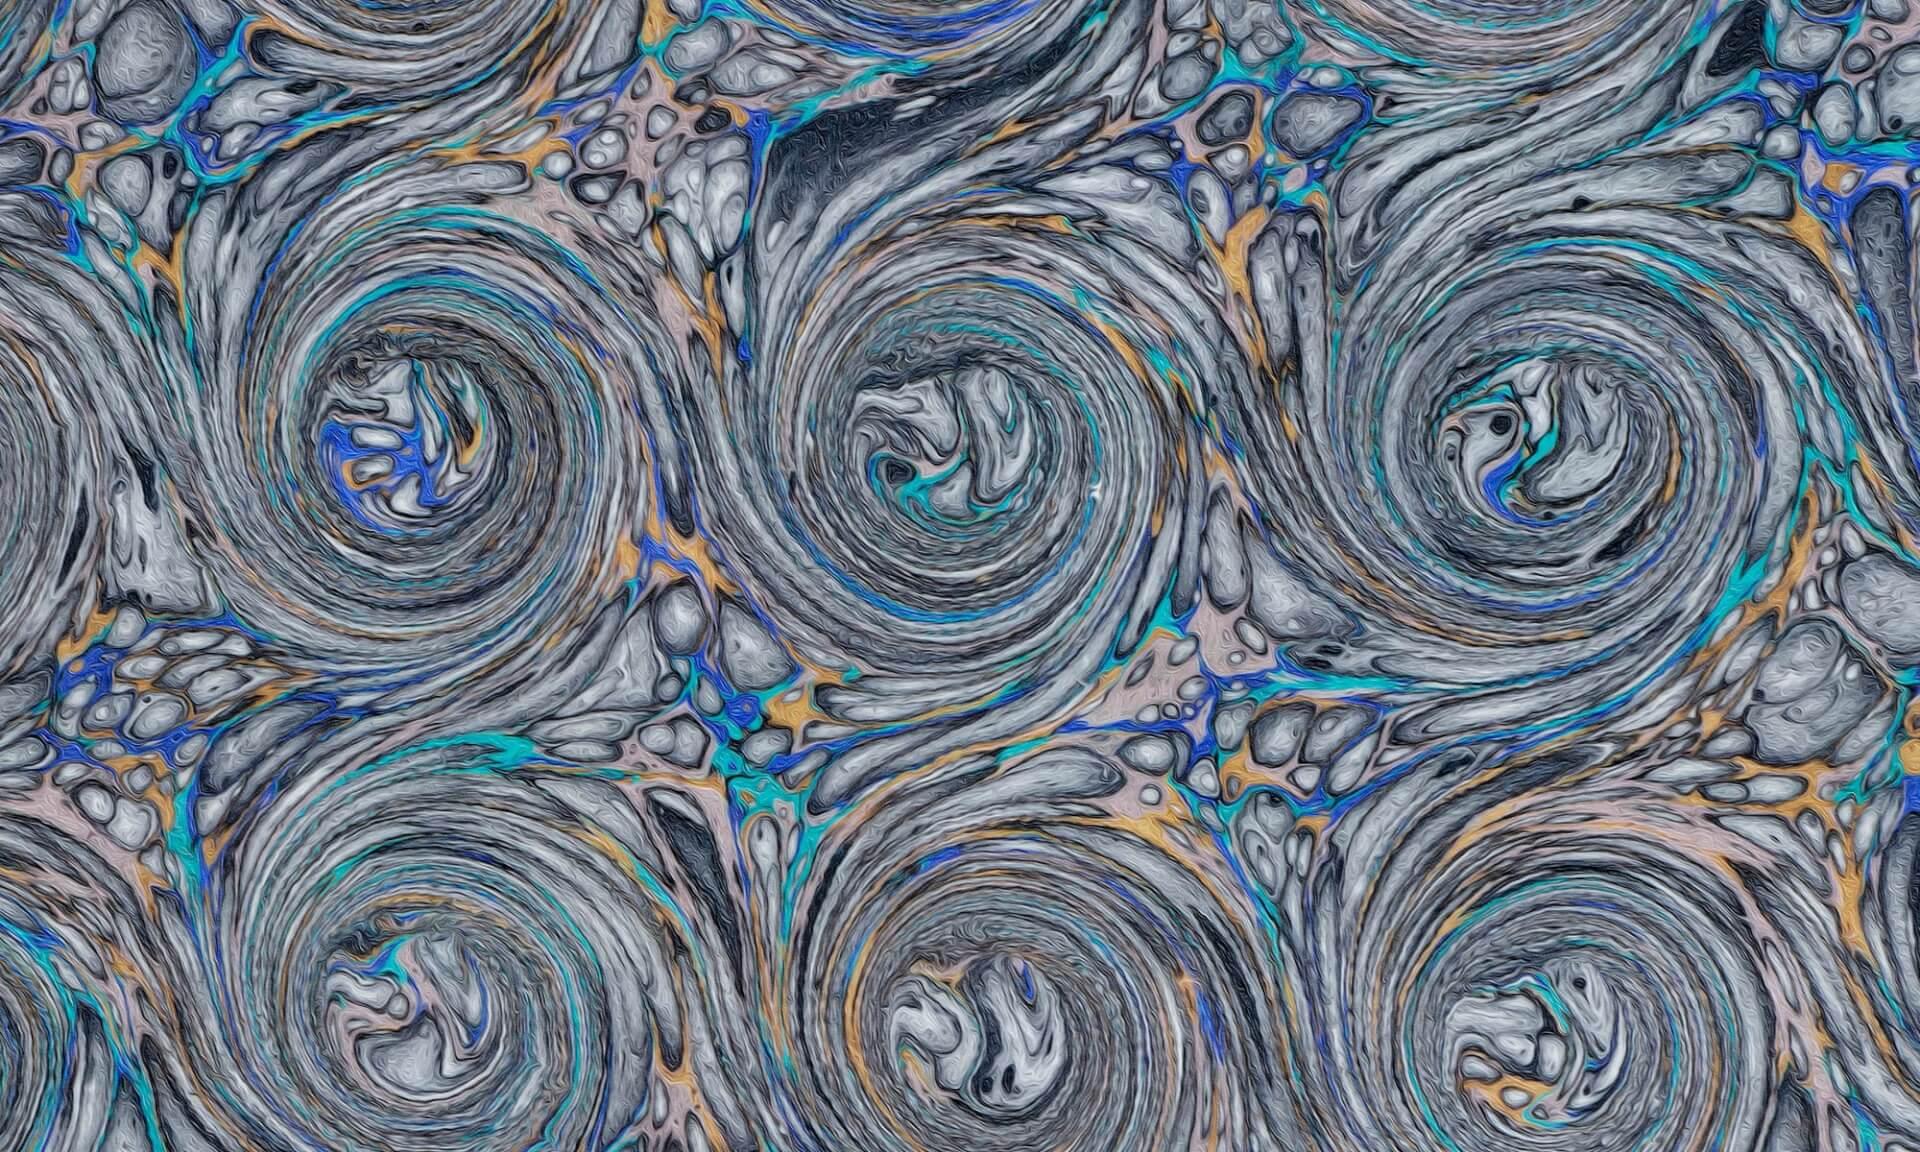 Ink Swirl (DE4690) Inverted Doug Garrabrants